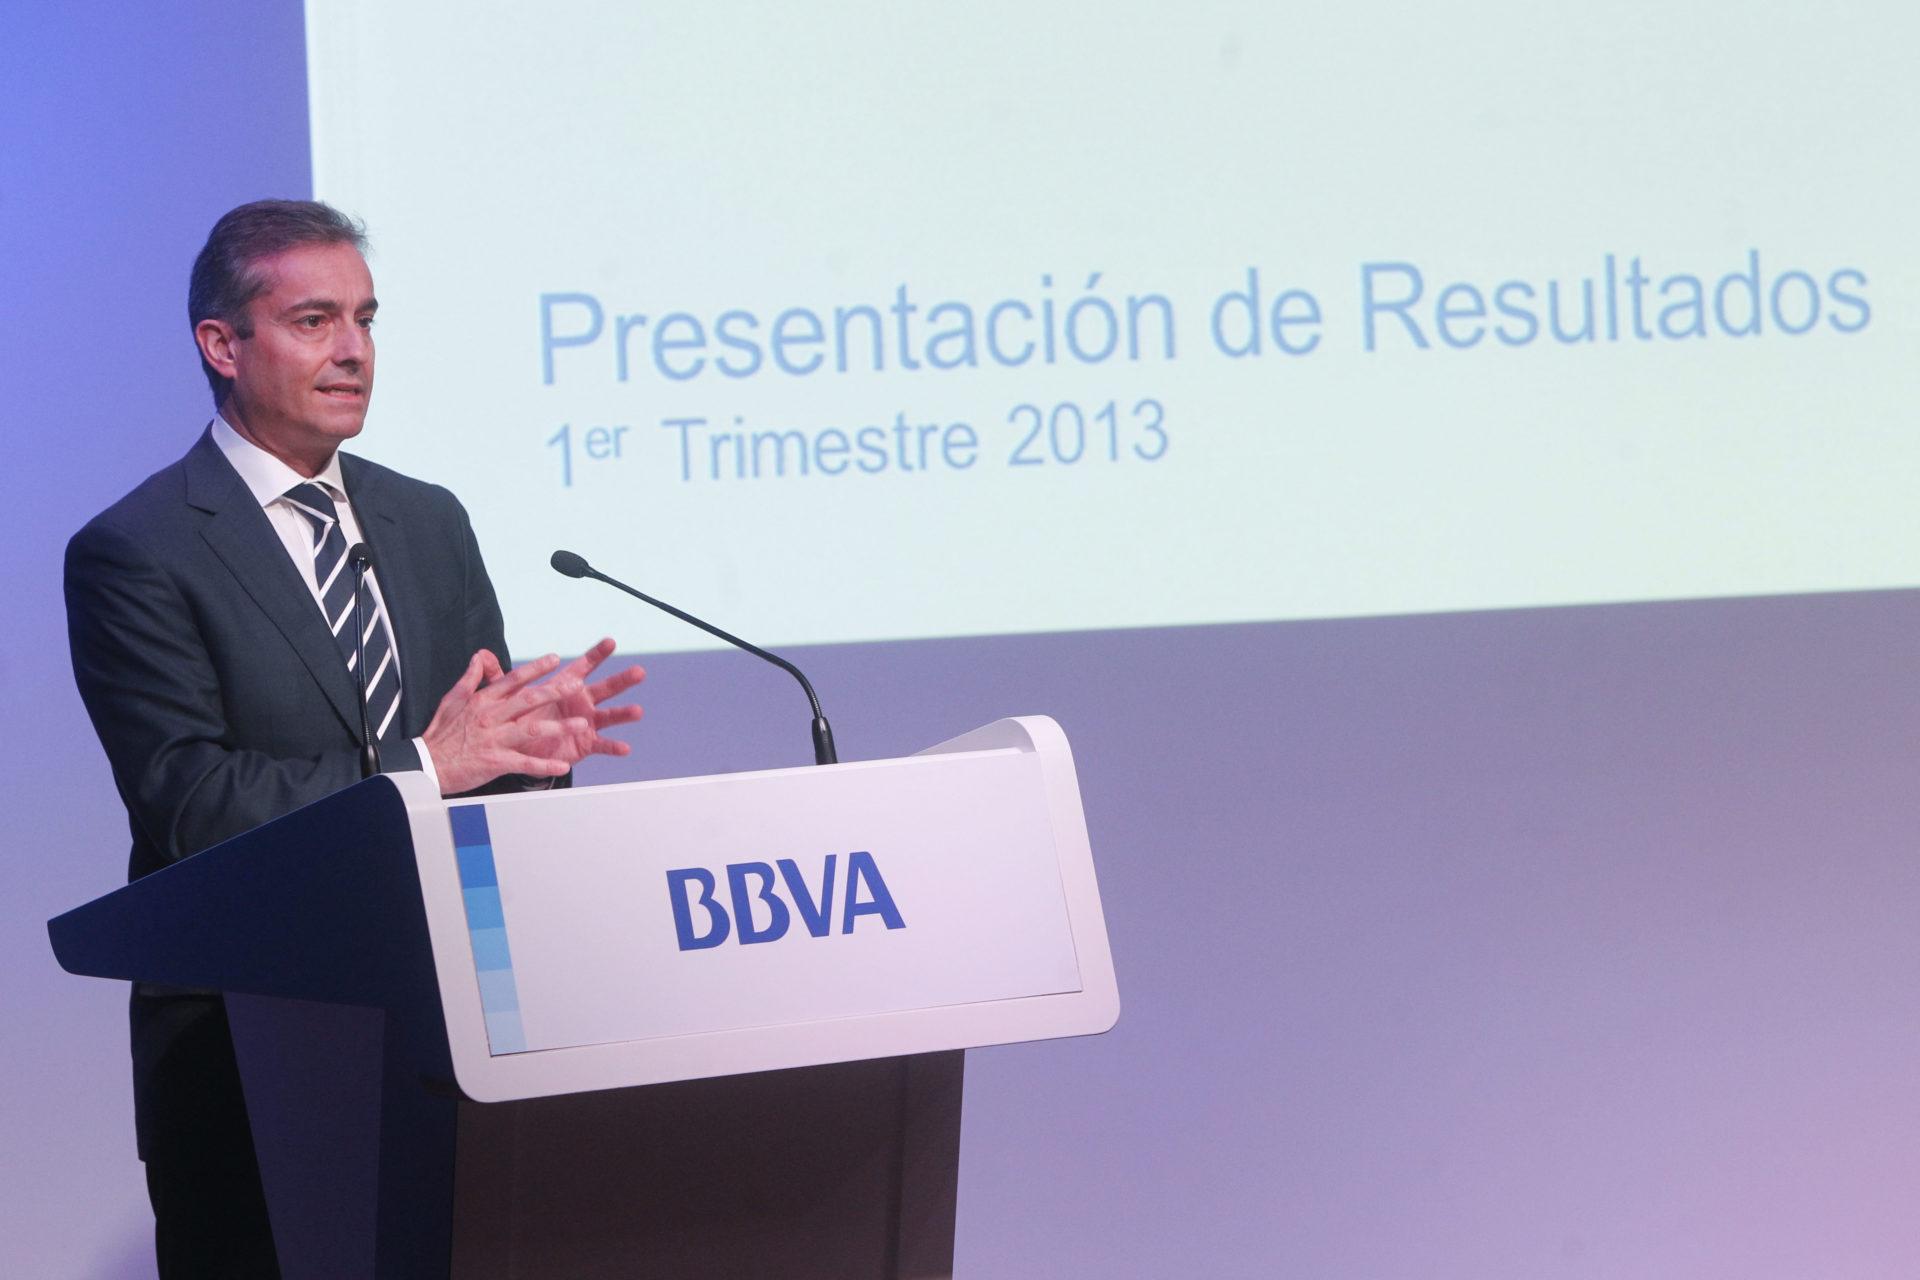 Fotografía de Ángel Cano, consejero delegado BBVA en presentación resultados 1T13